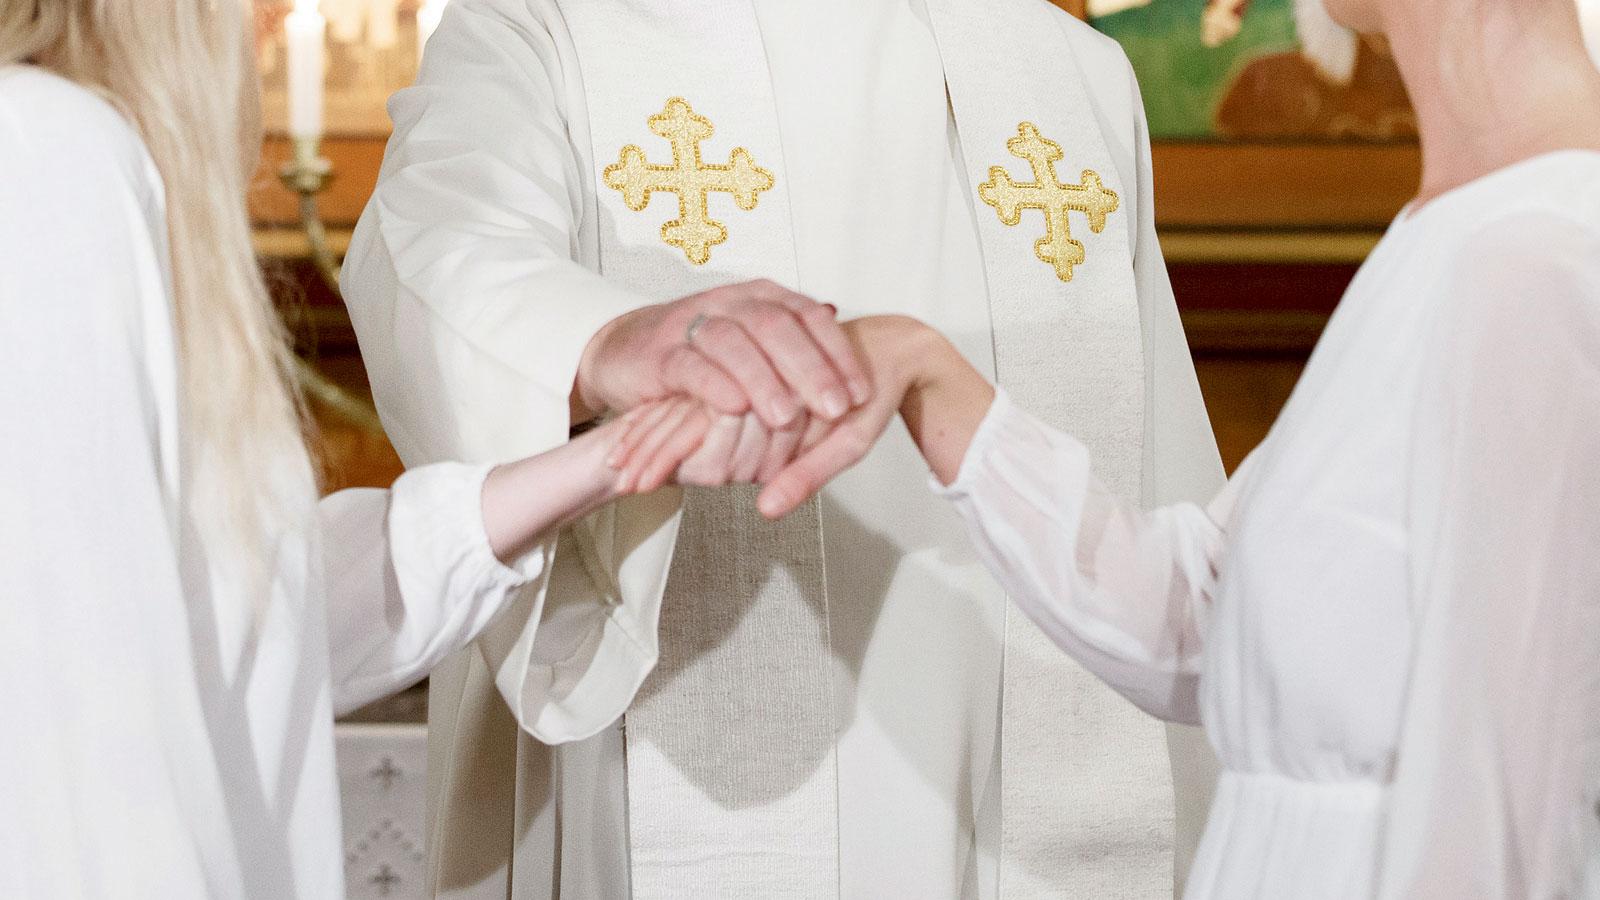 Svenska kyrkan vill viga homosexuella